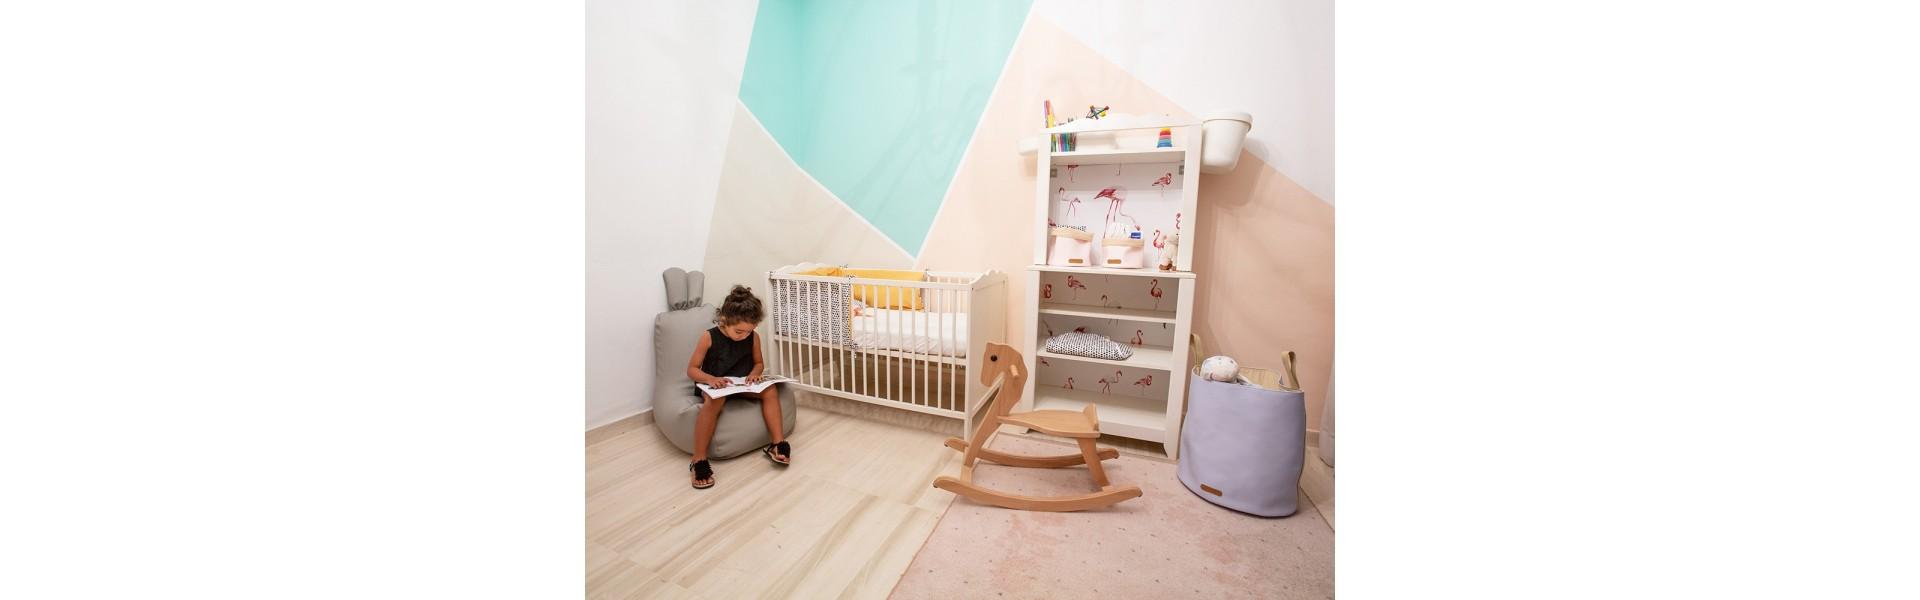 Décoration Chambre Bébé - Primanata, achat pour nouveau né